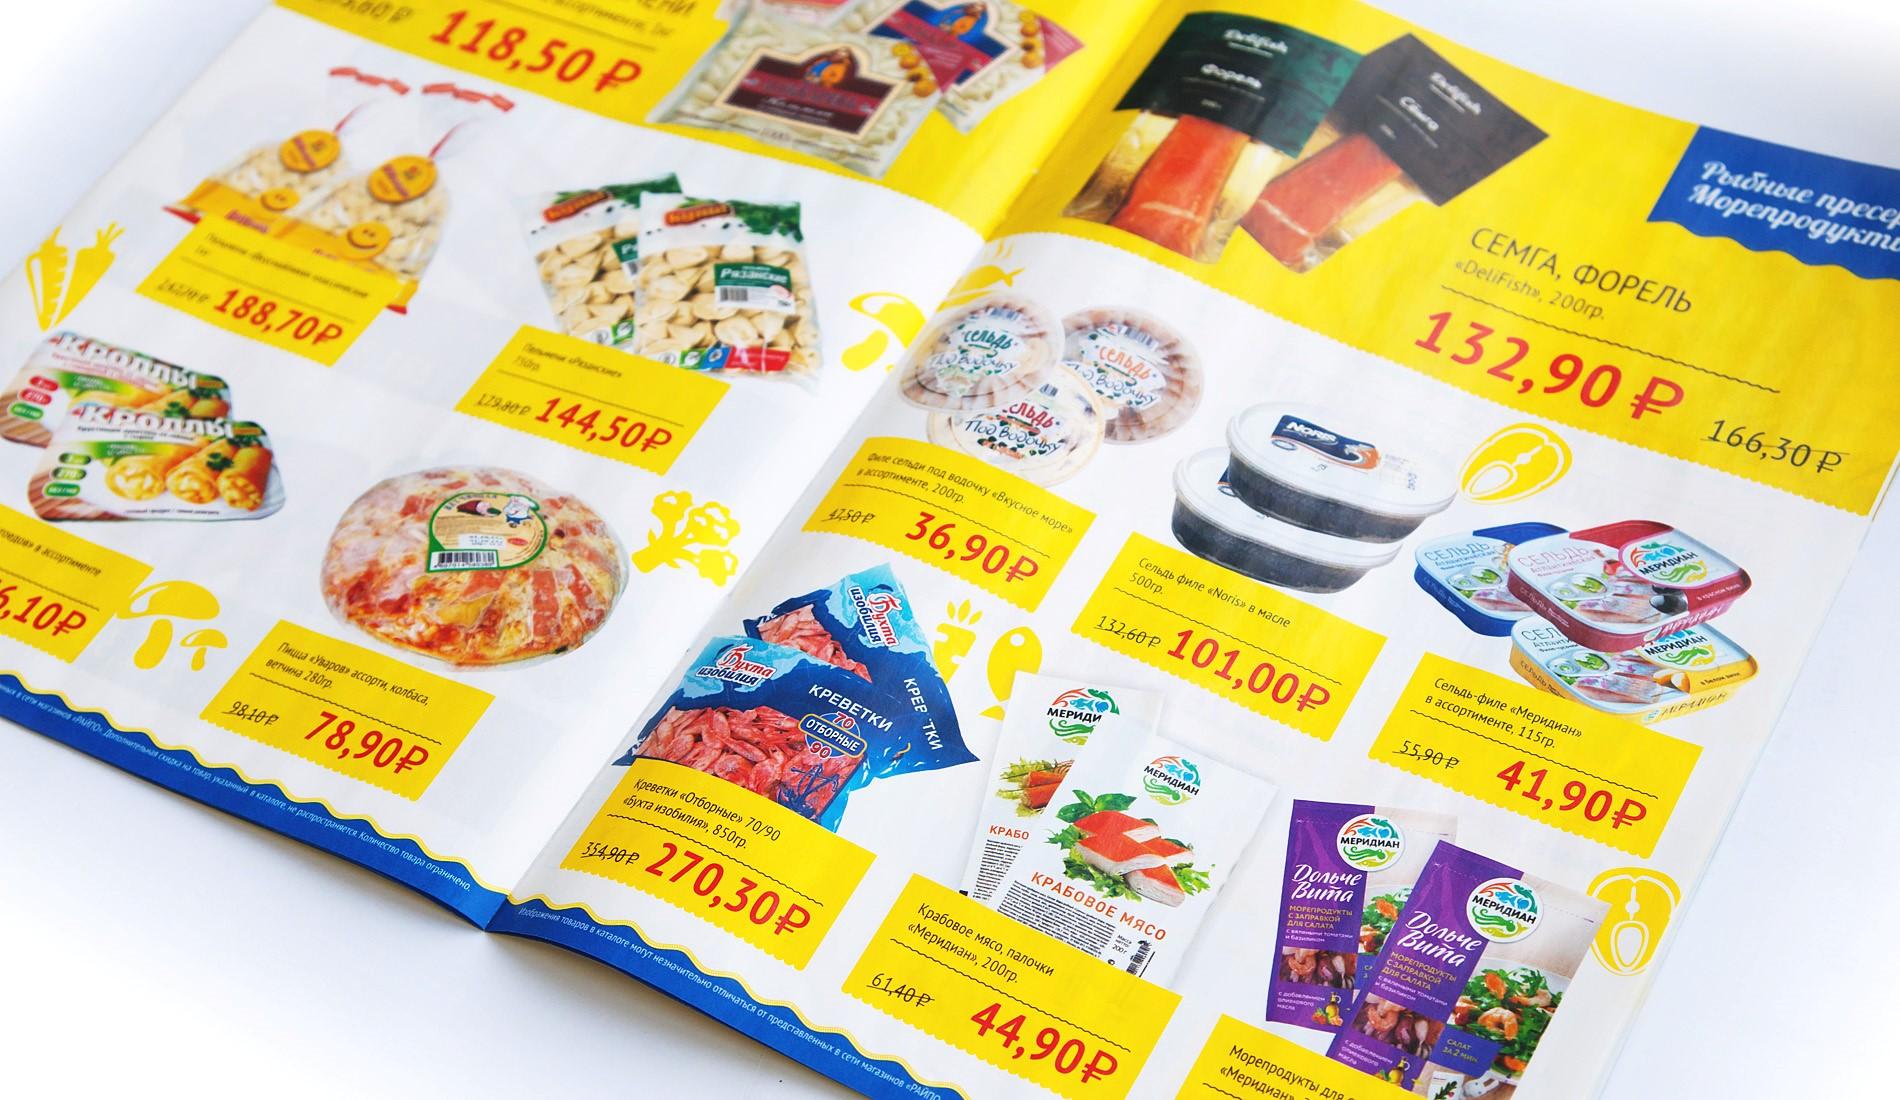 Печать рекламных каталогов в Москве | фото 3